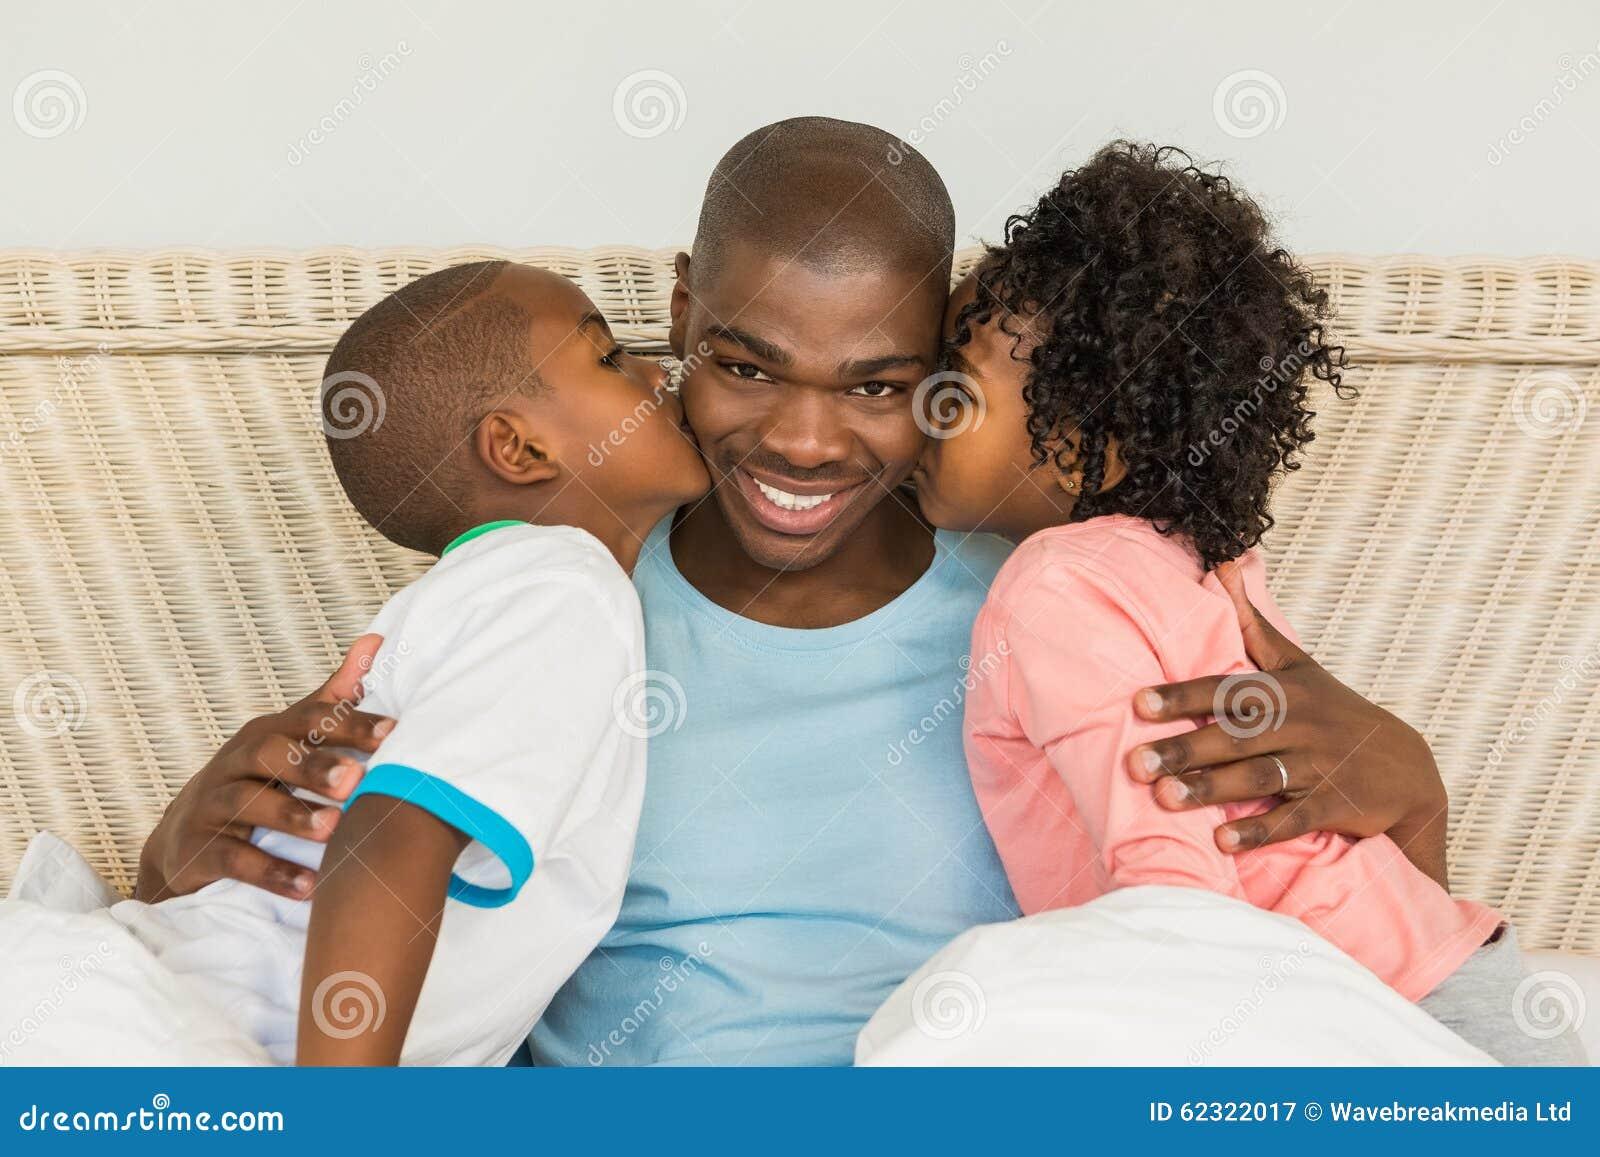 Kussen Voor Kinderen : Kinderen die vader in bed kussen stock afbeelding afbeelding